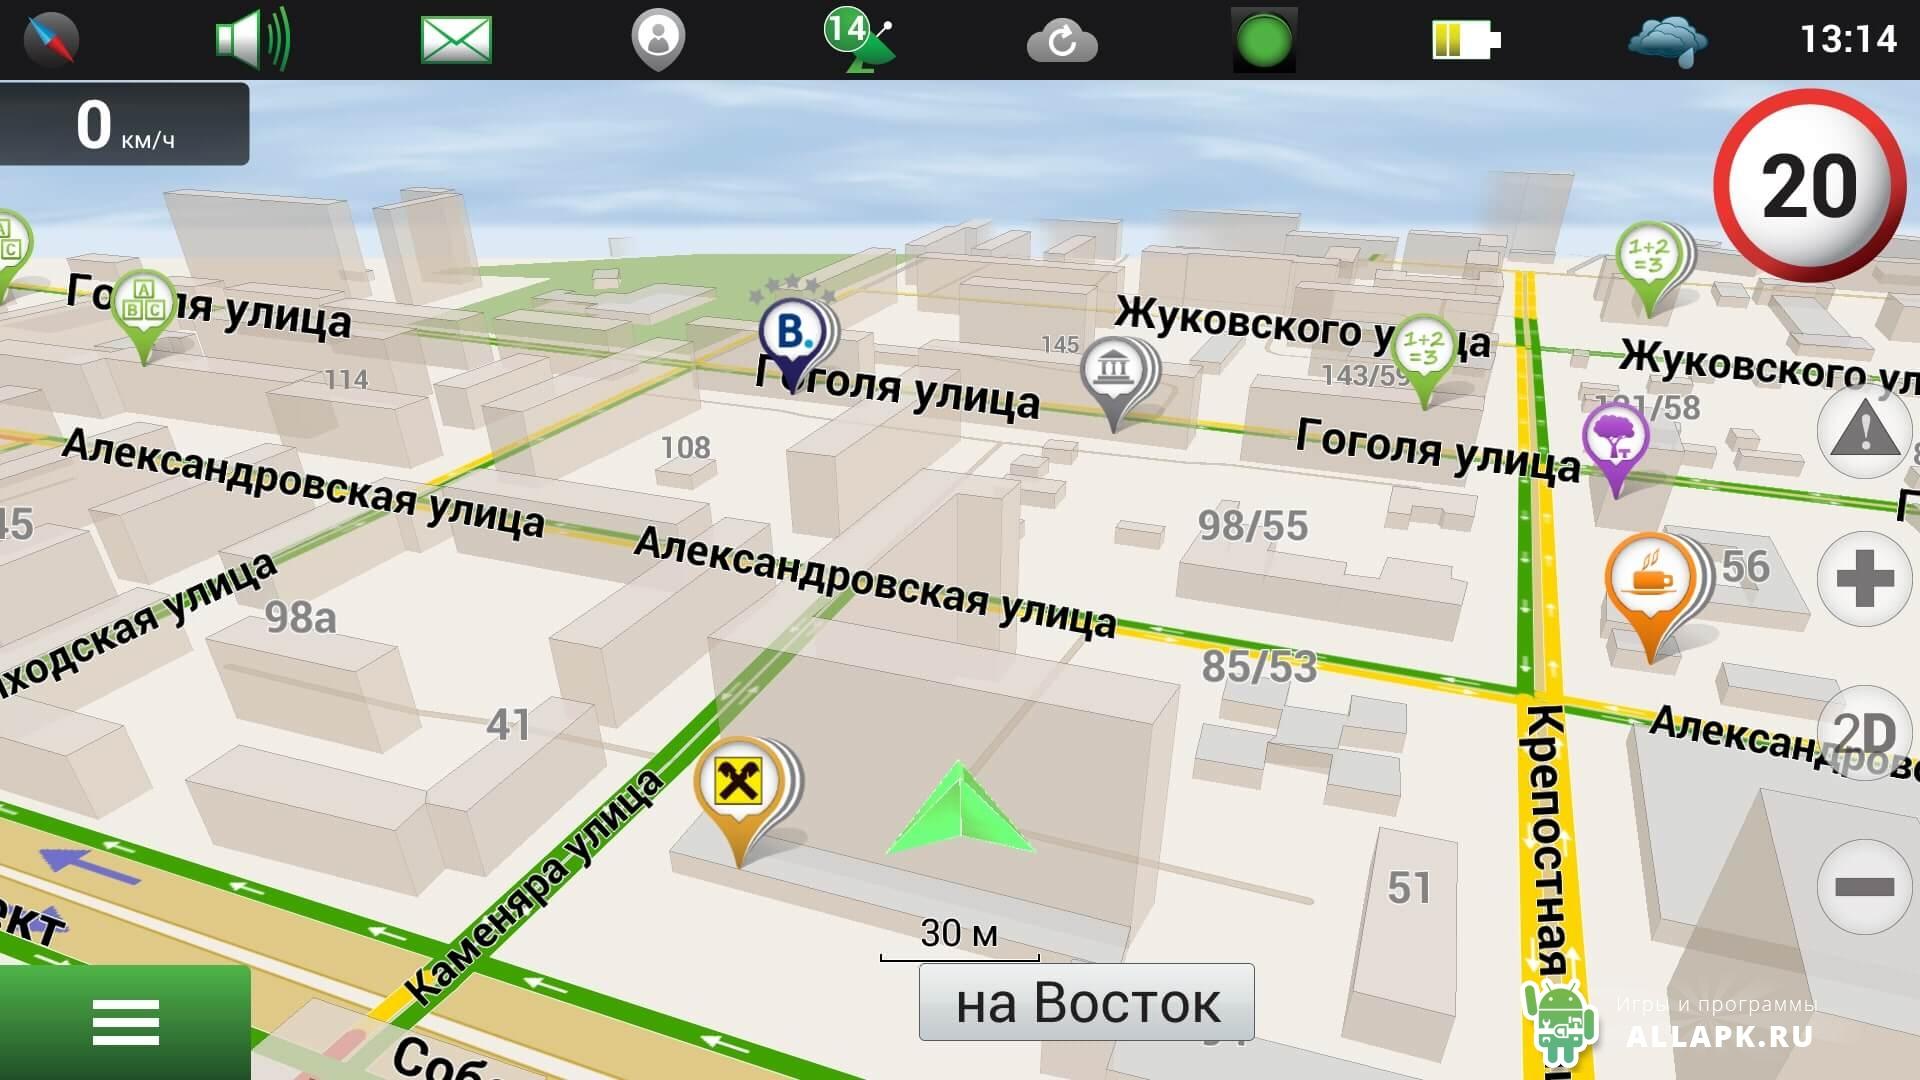 новителовские карты для навигатора v 1.3 abf-nui20-sd-en